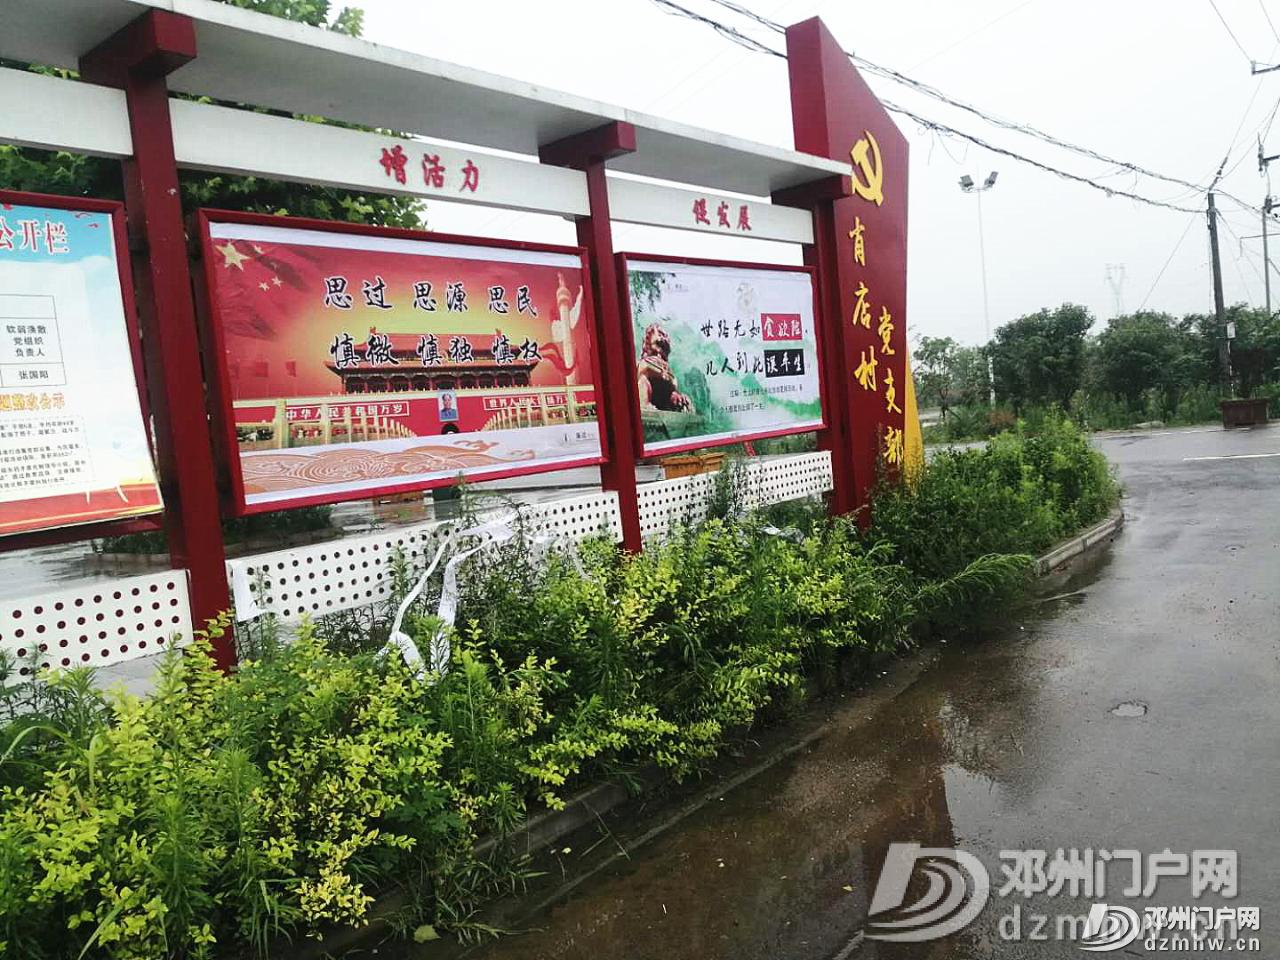 邓州市文渠镇:推进廉政文化建设 营造风清气正氛围 - 邓州门户网|邓州网 - b30c208197a8f6e23957ebc7269b2155.png